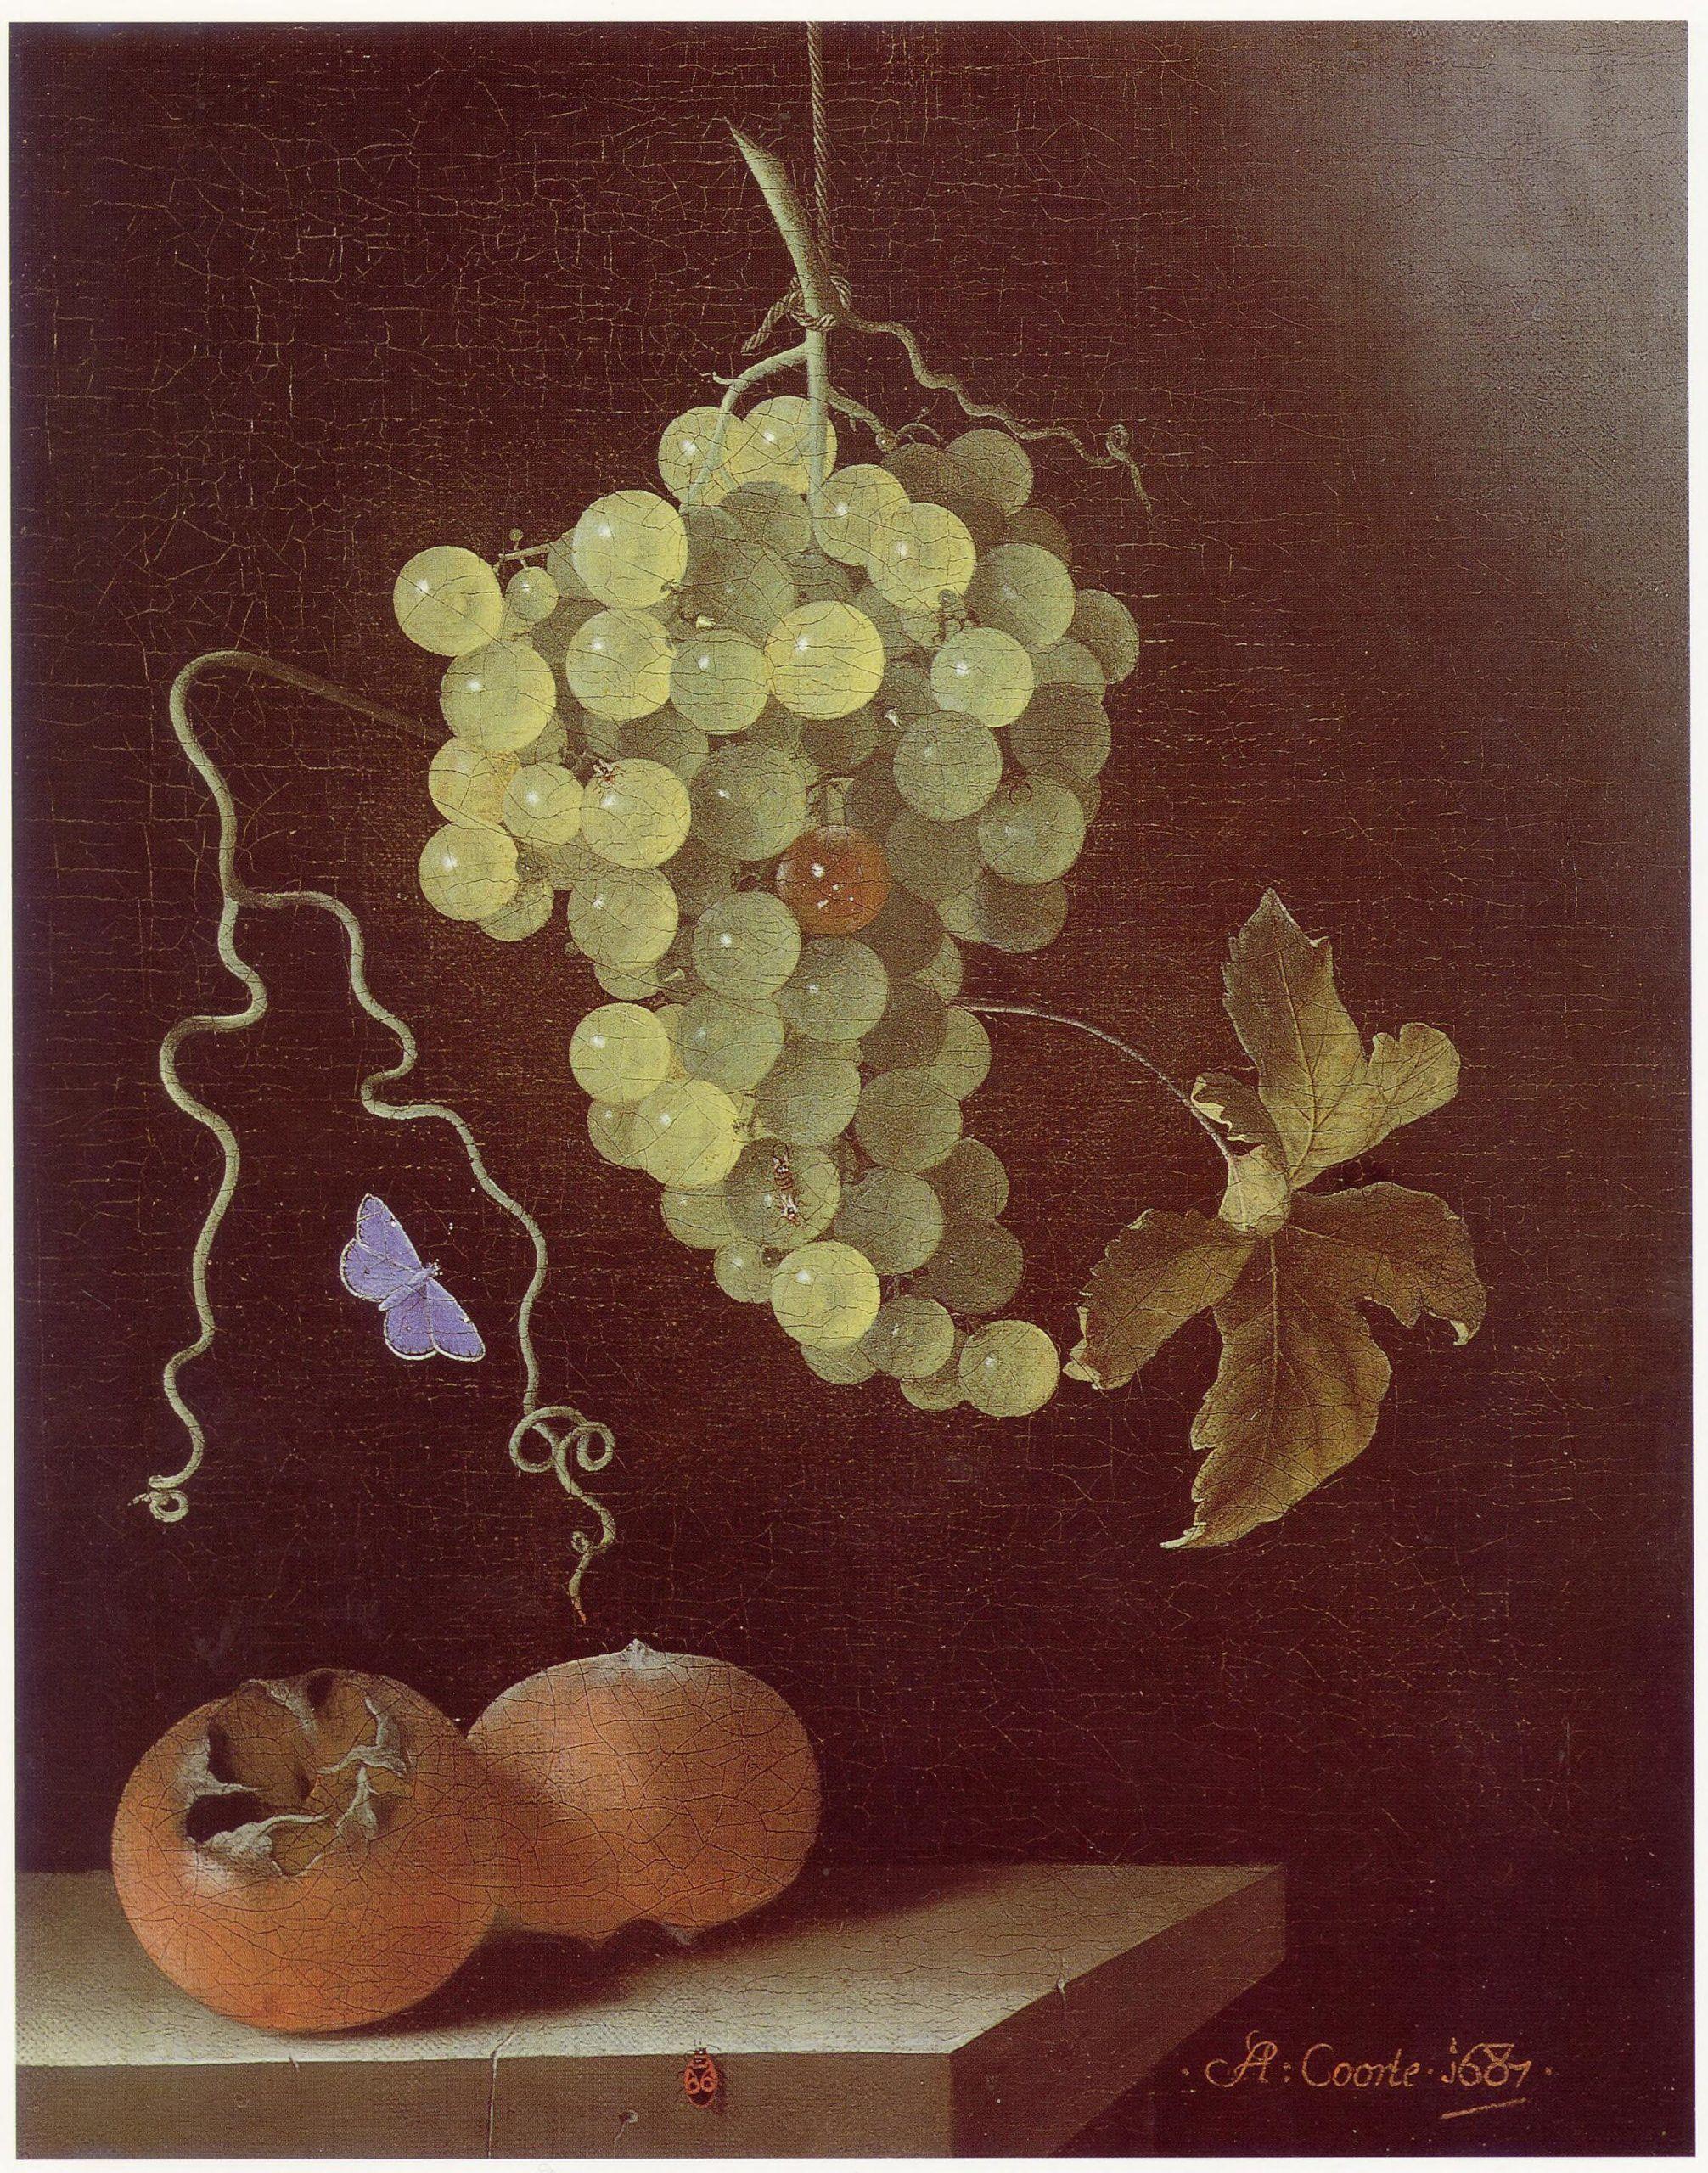 Adriaen Coorte festménye 1687-ből (forrás: Wikipedia)